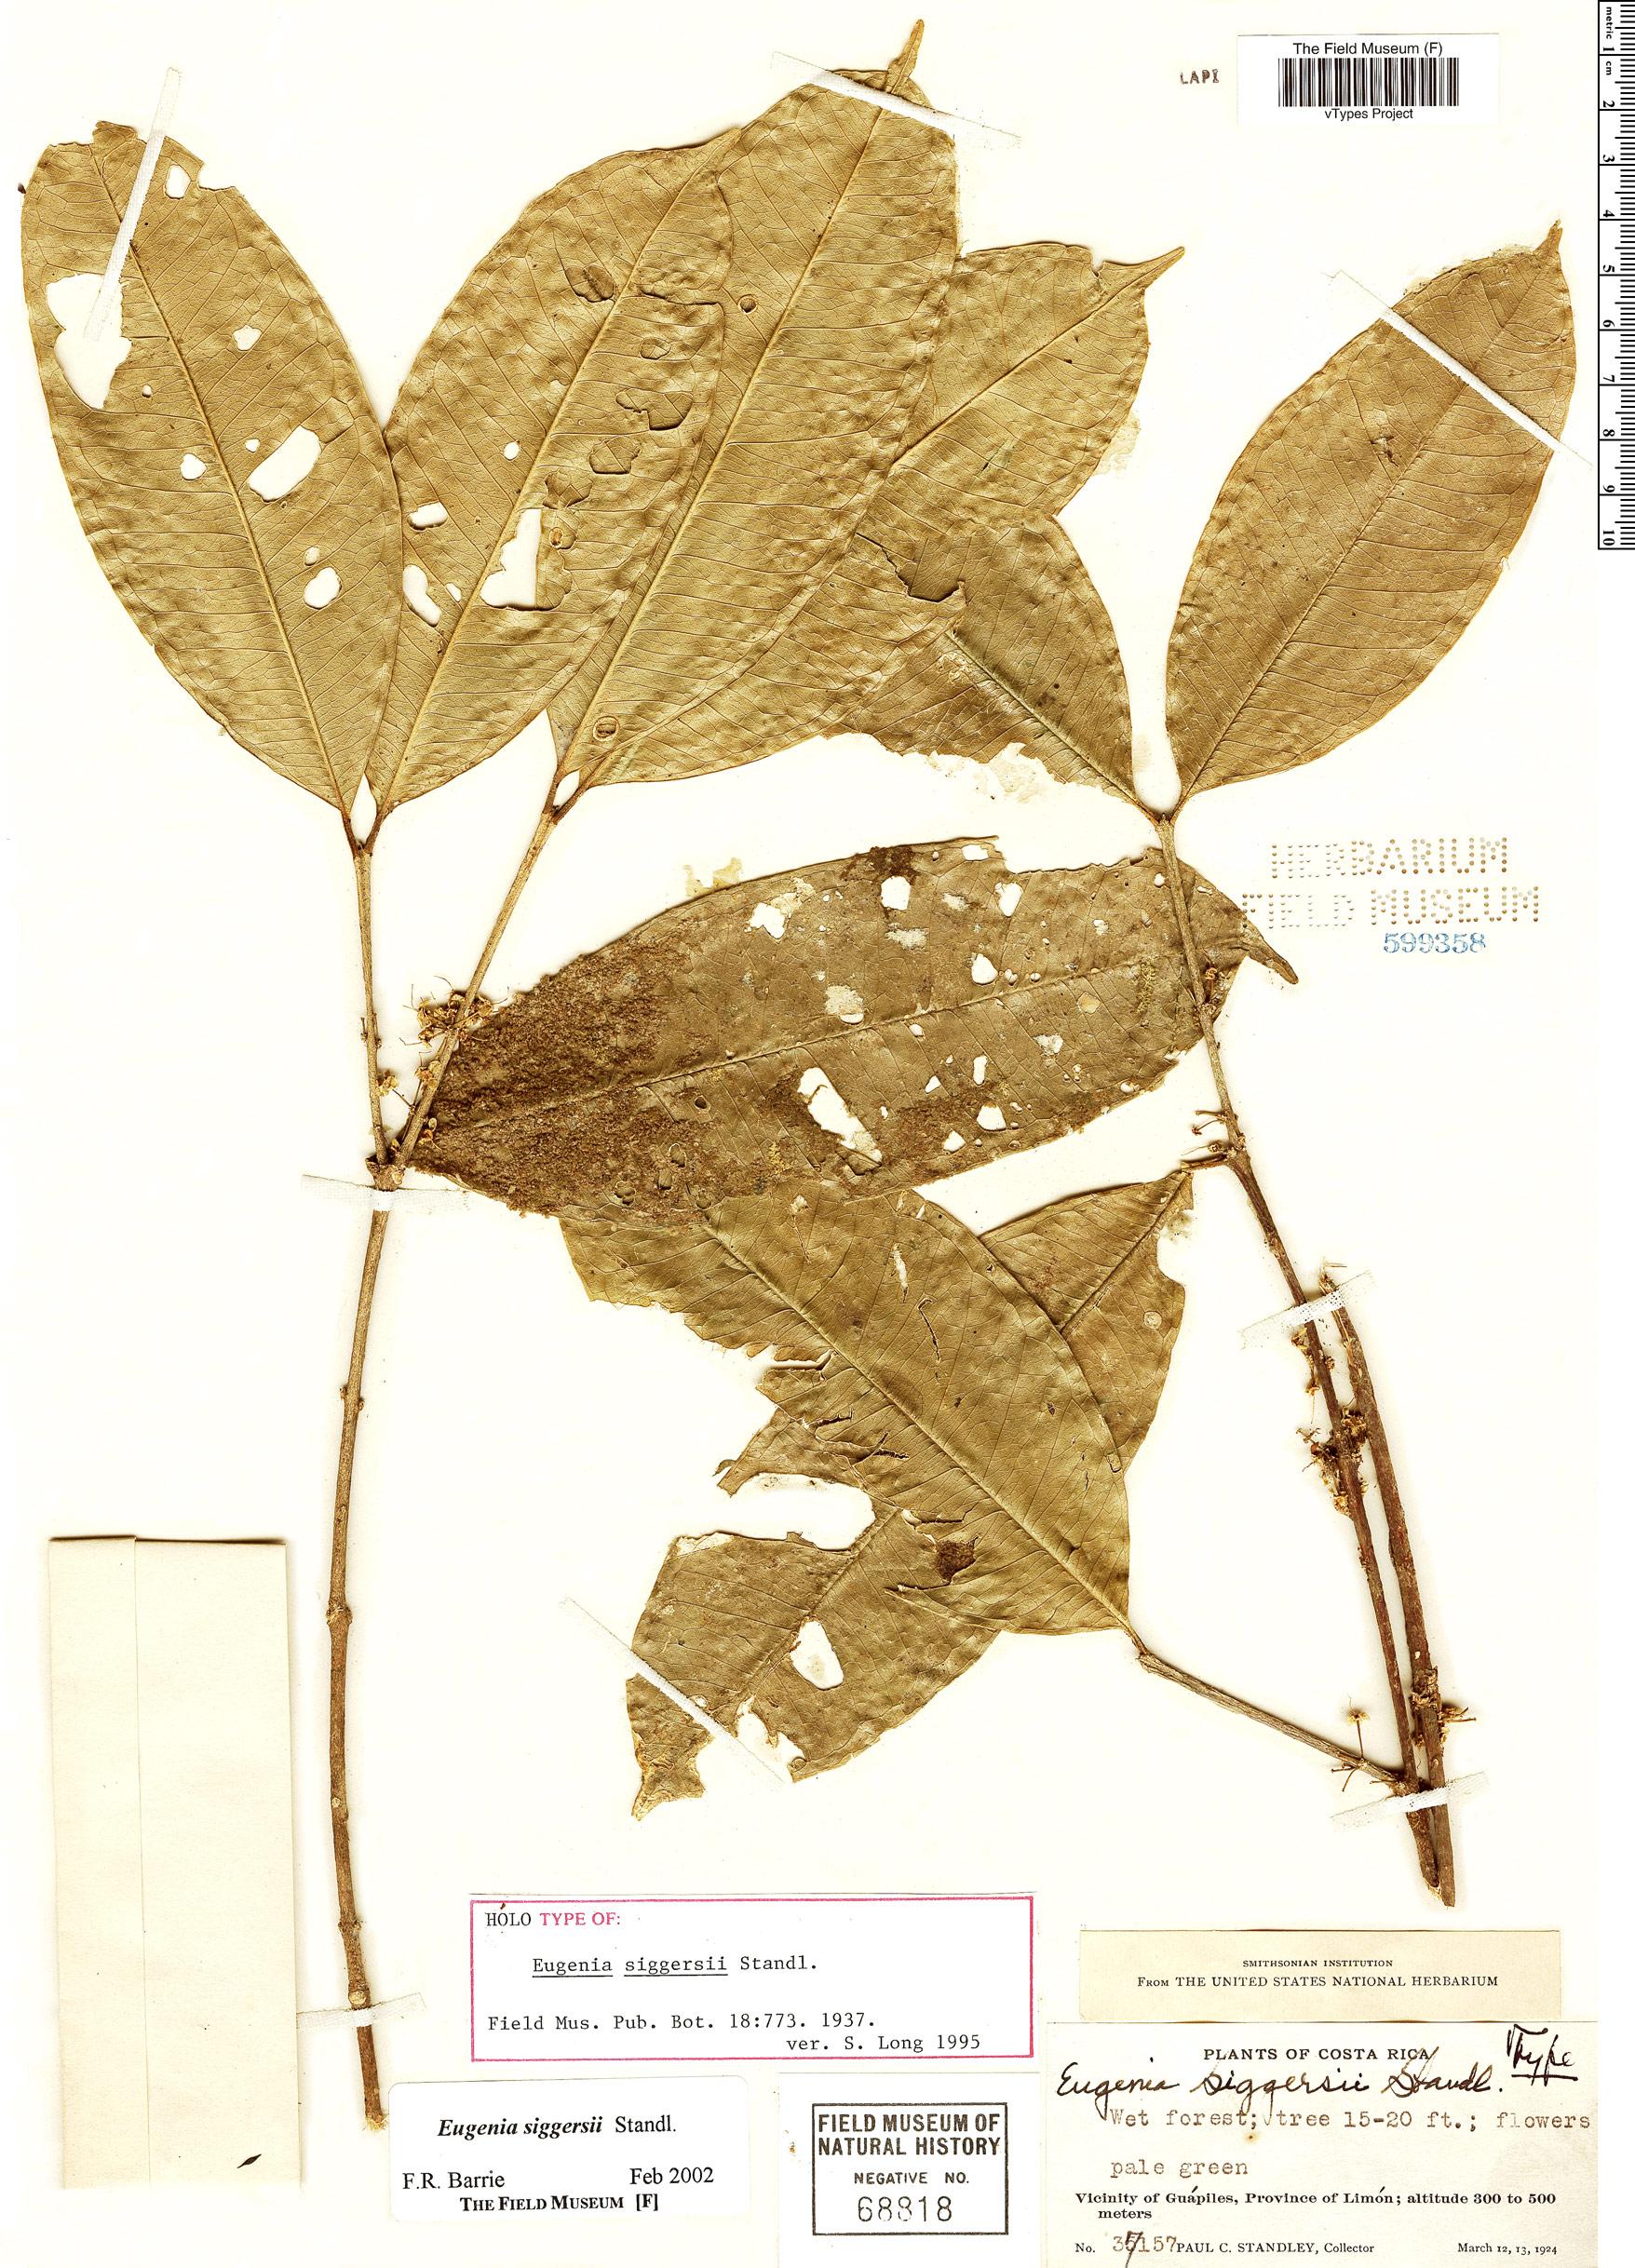 Specimen: Eugenia siggersii